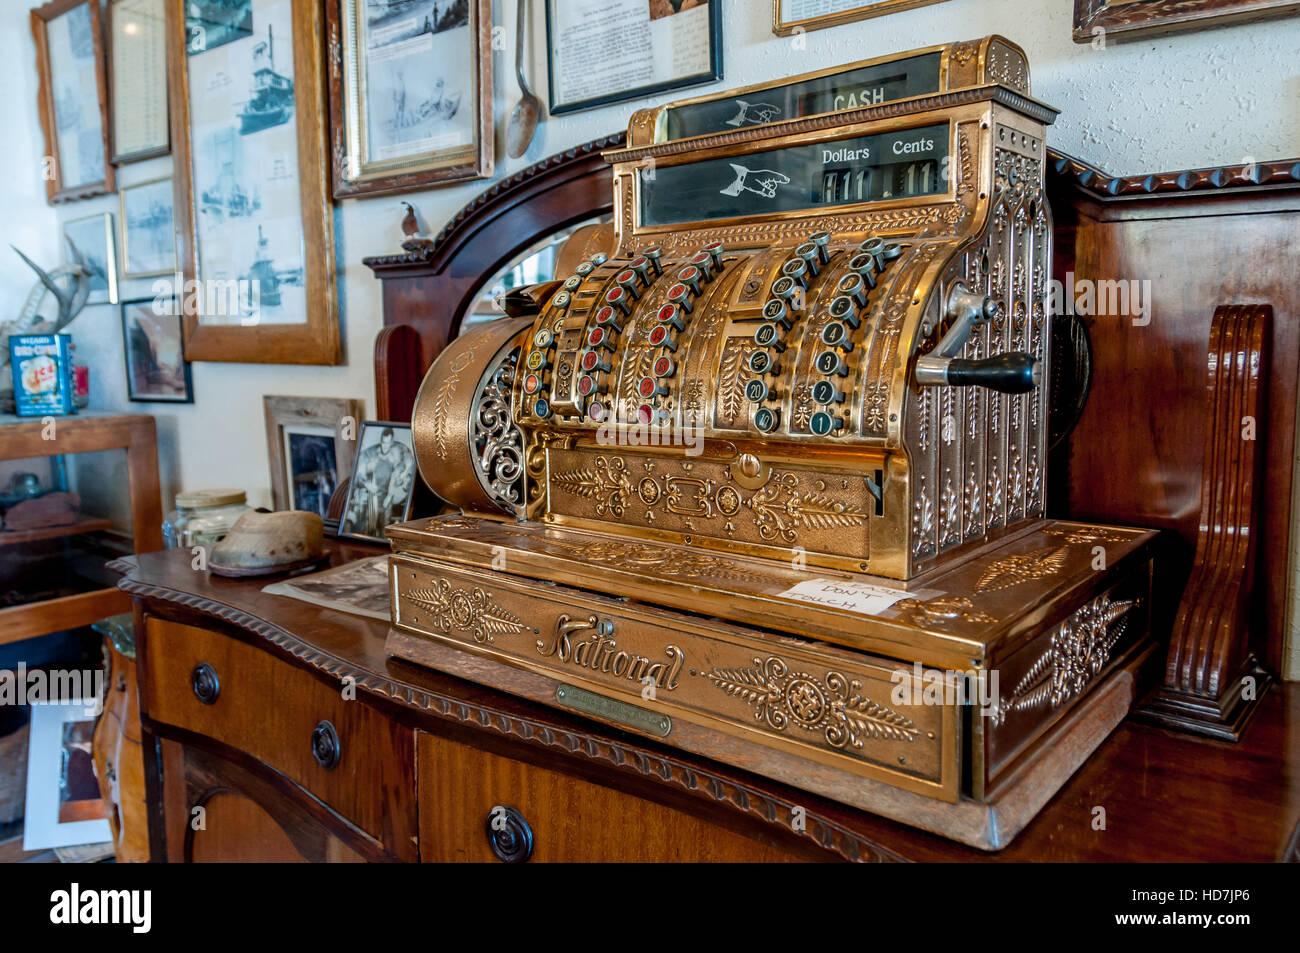 Ufficio Di Registro : Antico registro di cassa in oro con marchio nazionale attraverso il